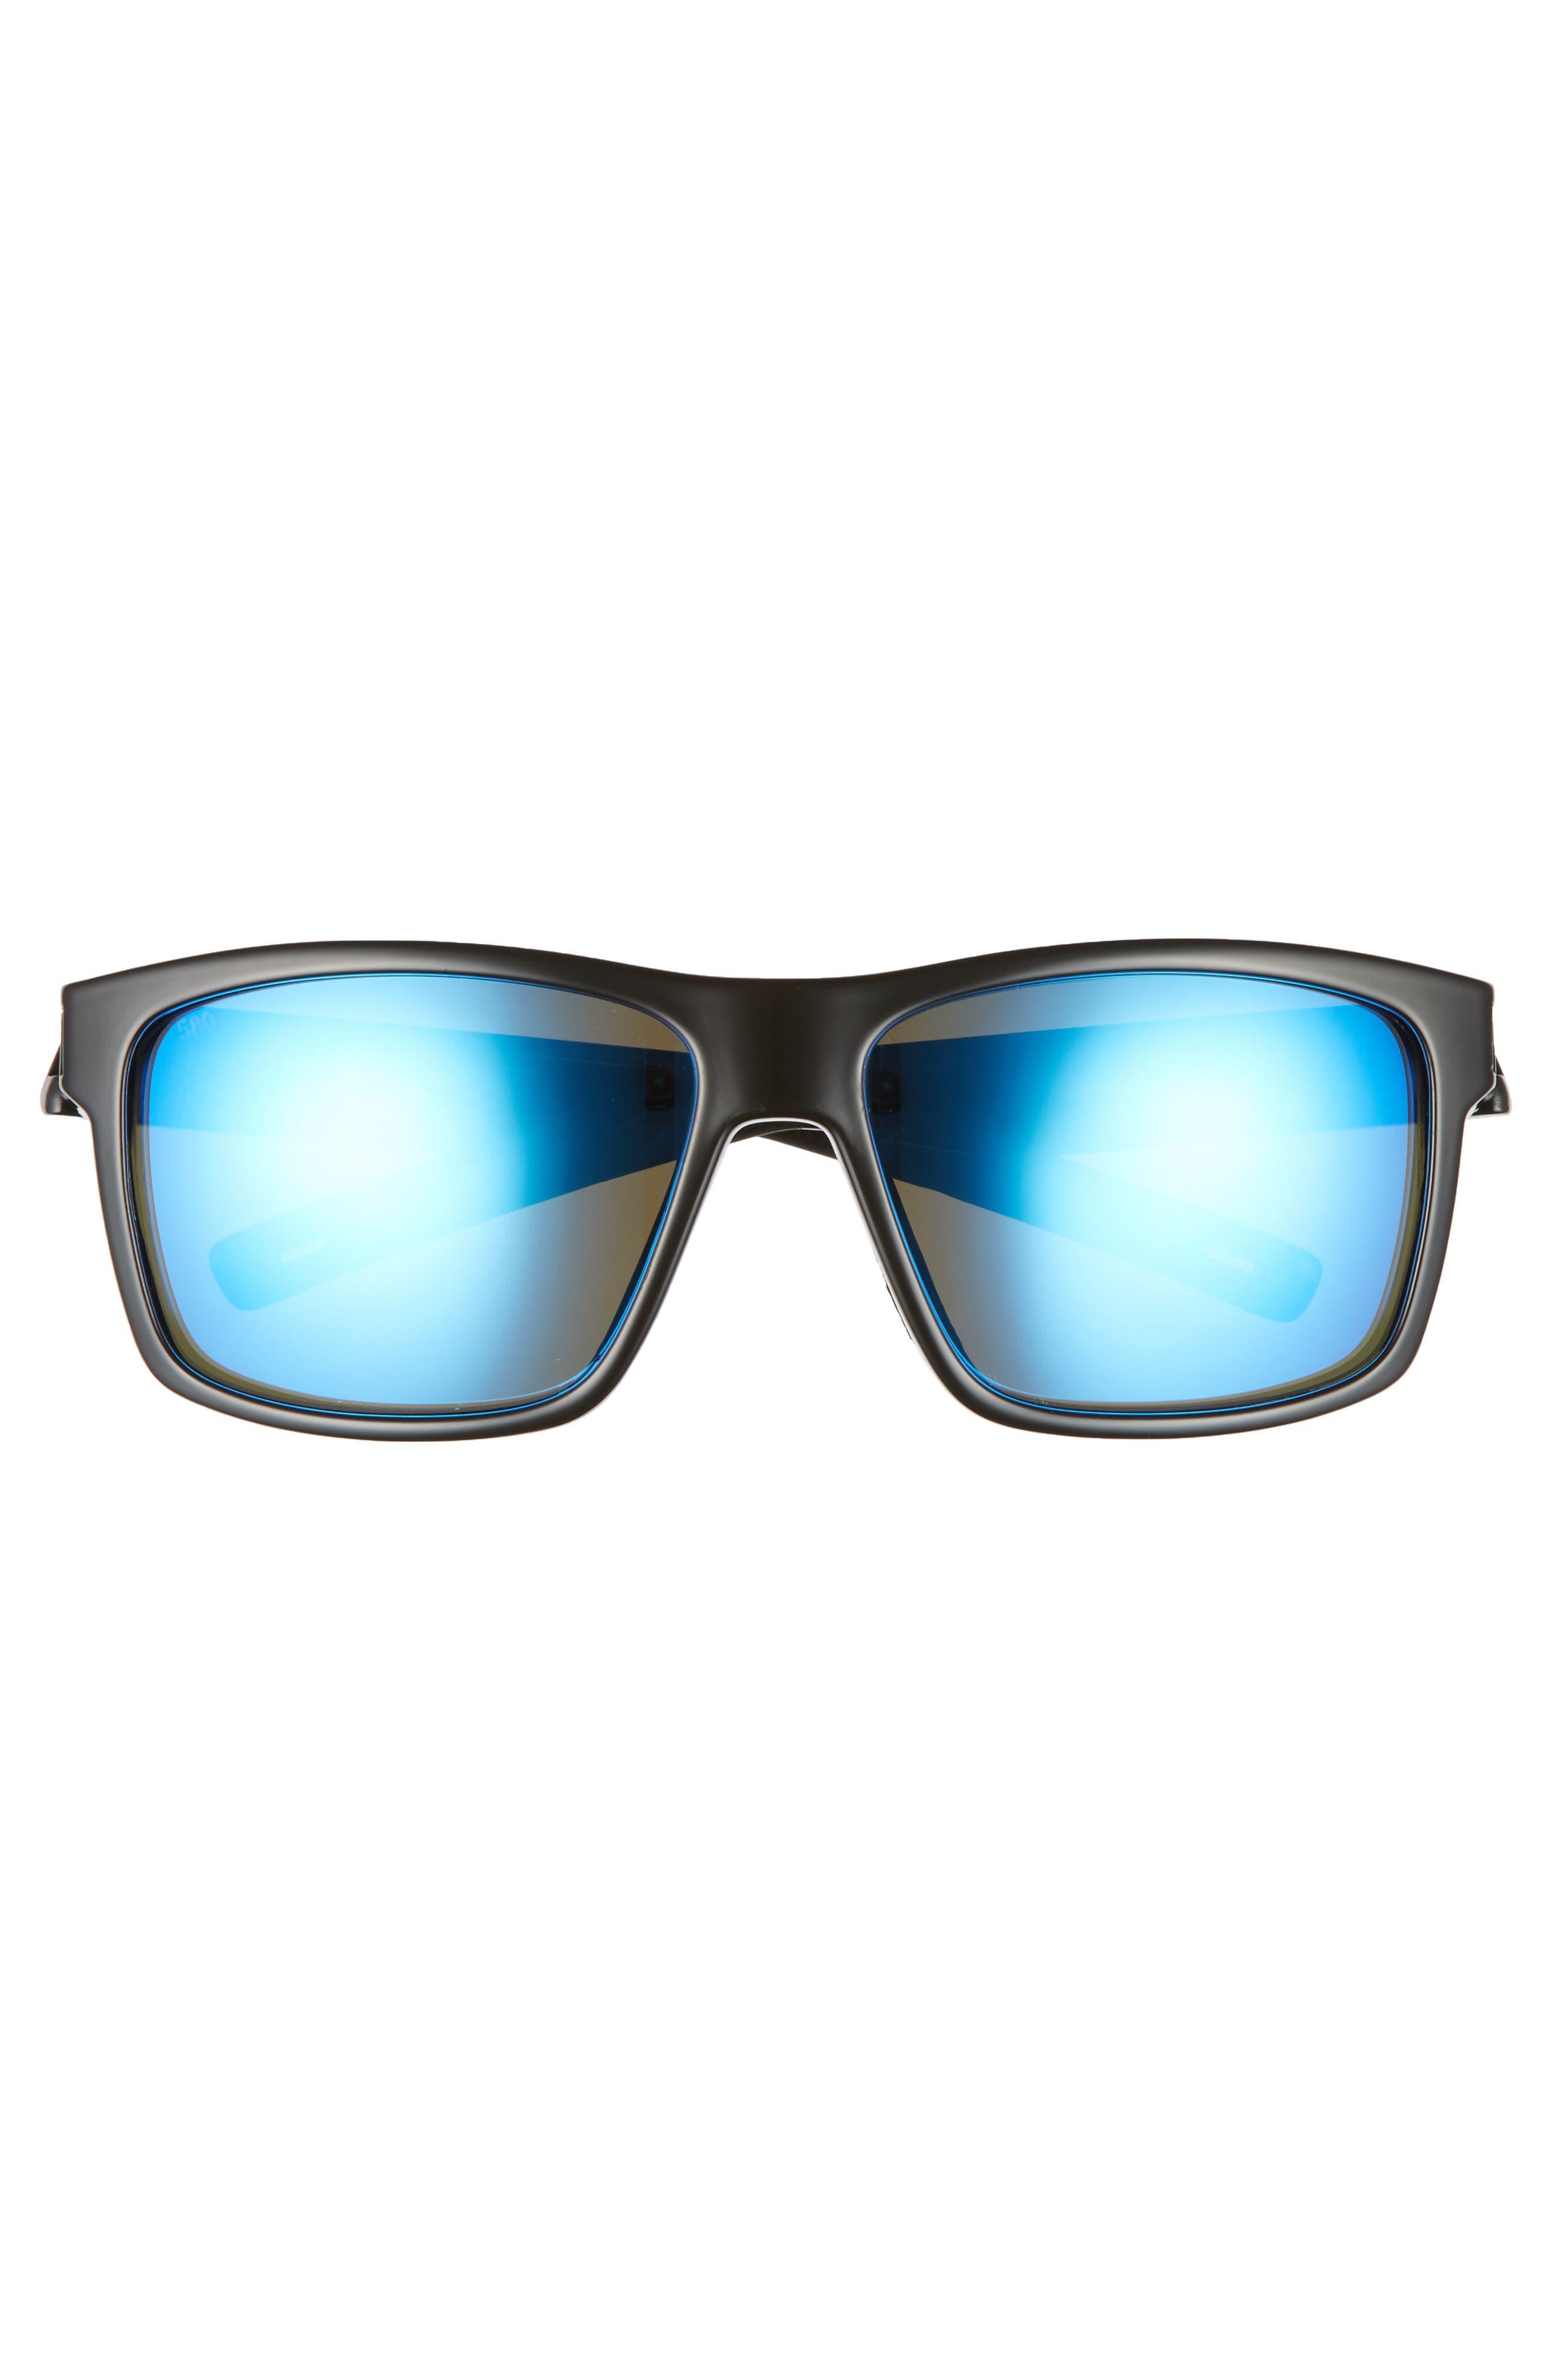 Slack Tide 58mm Polarized Sunglasses,                             Alternate thumbnail 2, color,                             SHINY BLACK/ BLUE MIRROR